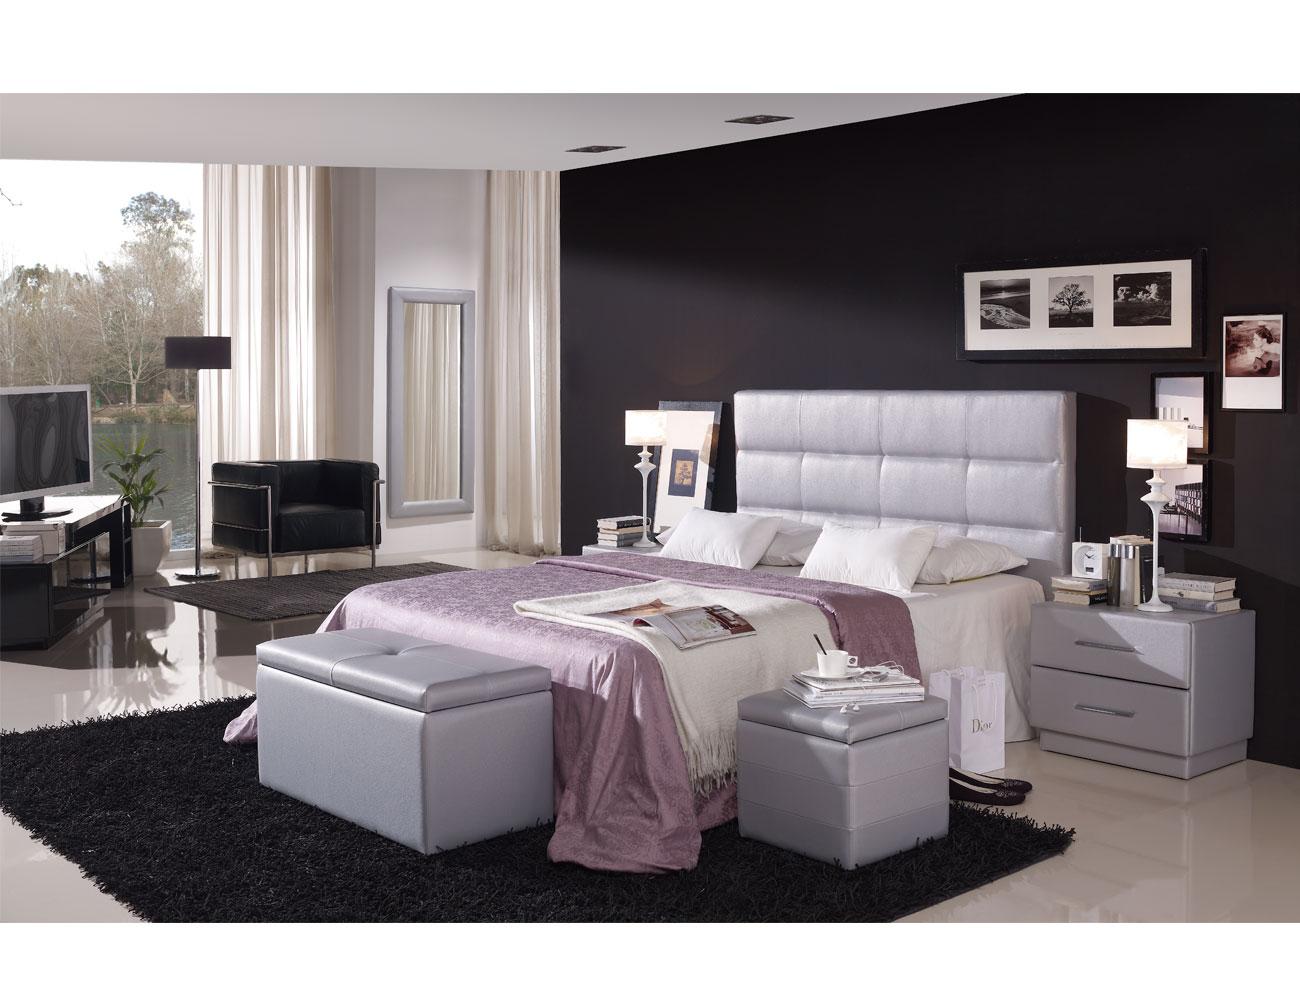 23 marco tapizado dormitorio919